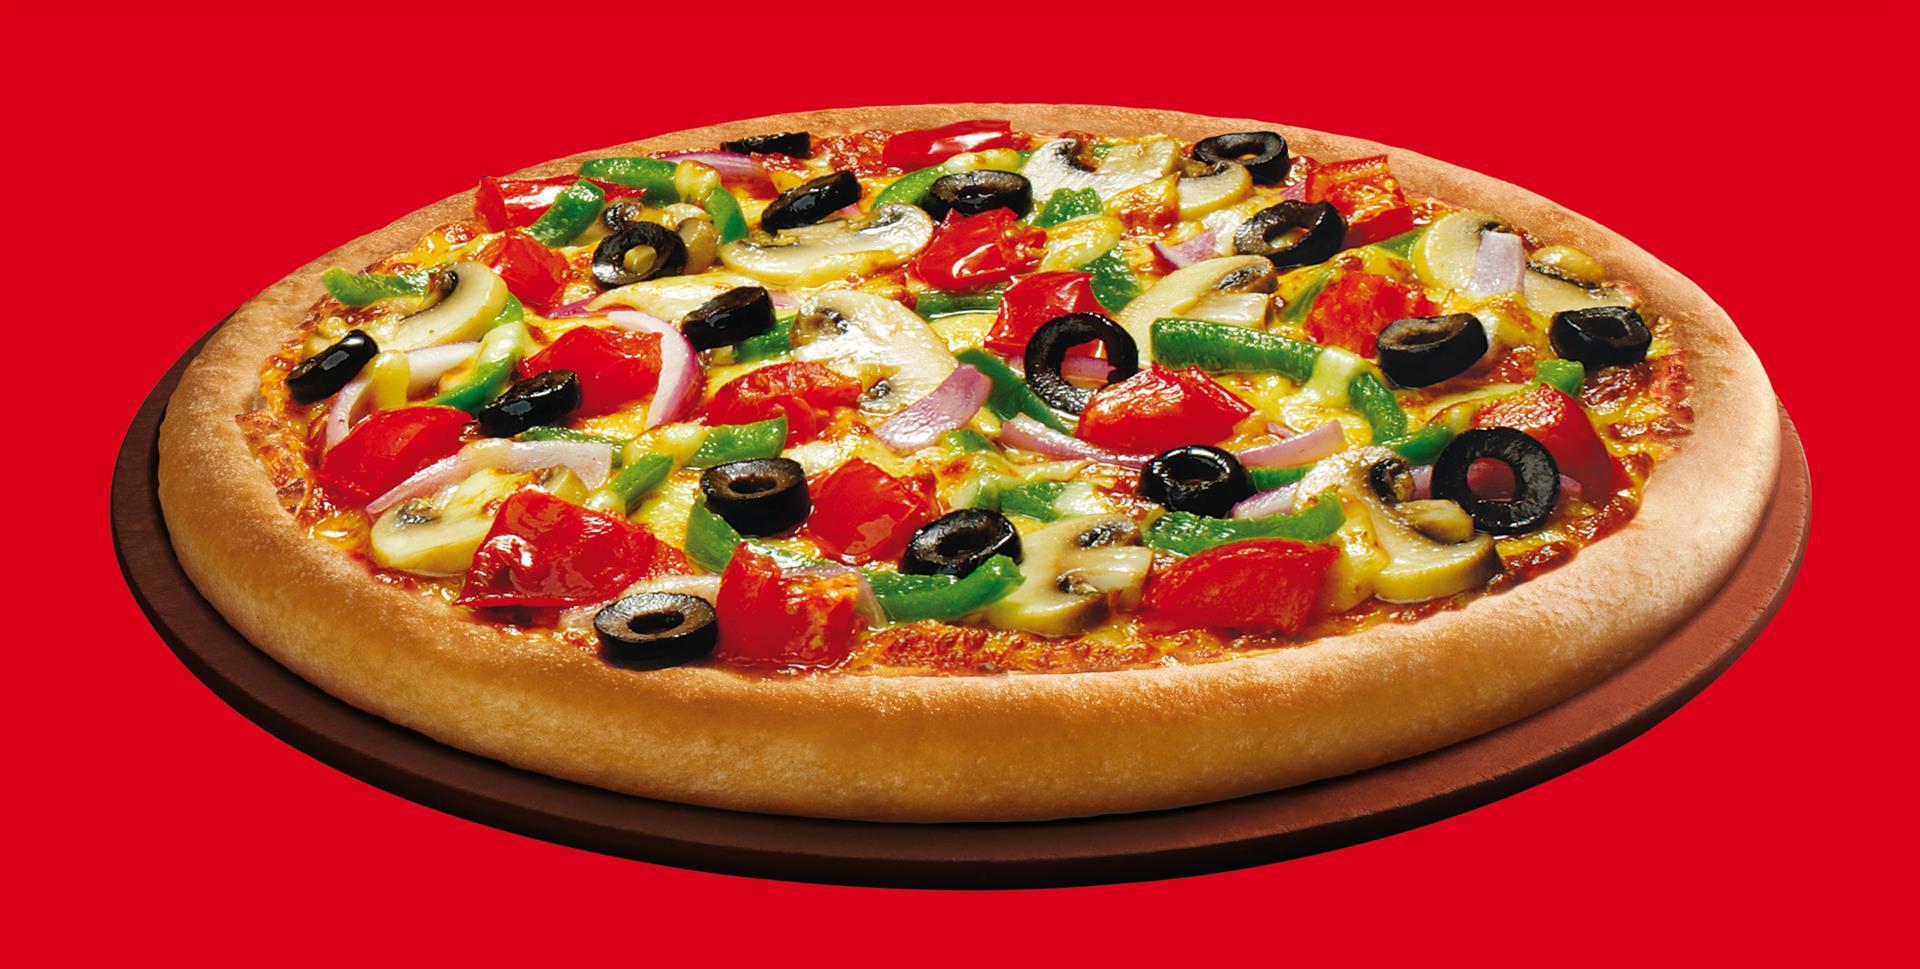 صورة طريقة عمل بيتزا بالخضار , احلى الطرق لعمل البيتزا